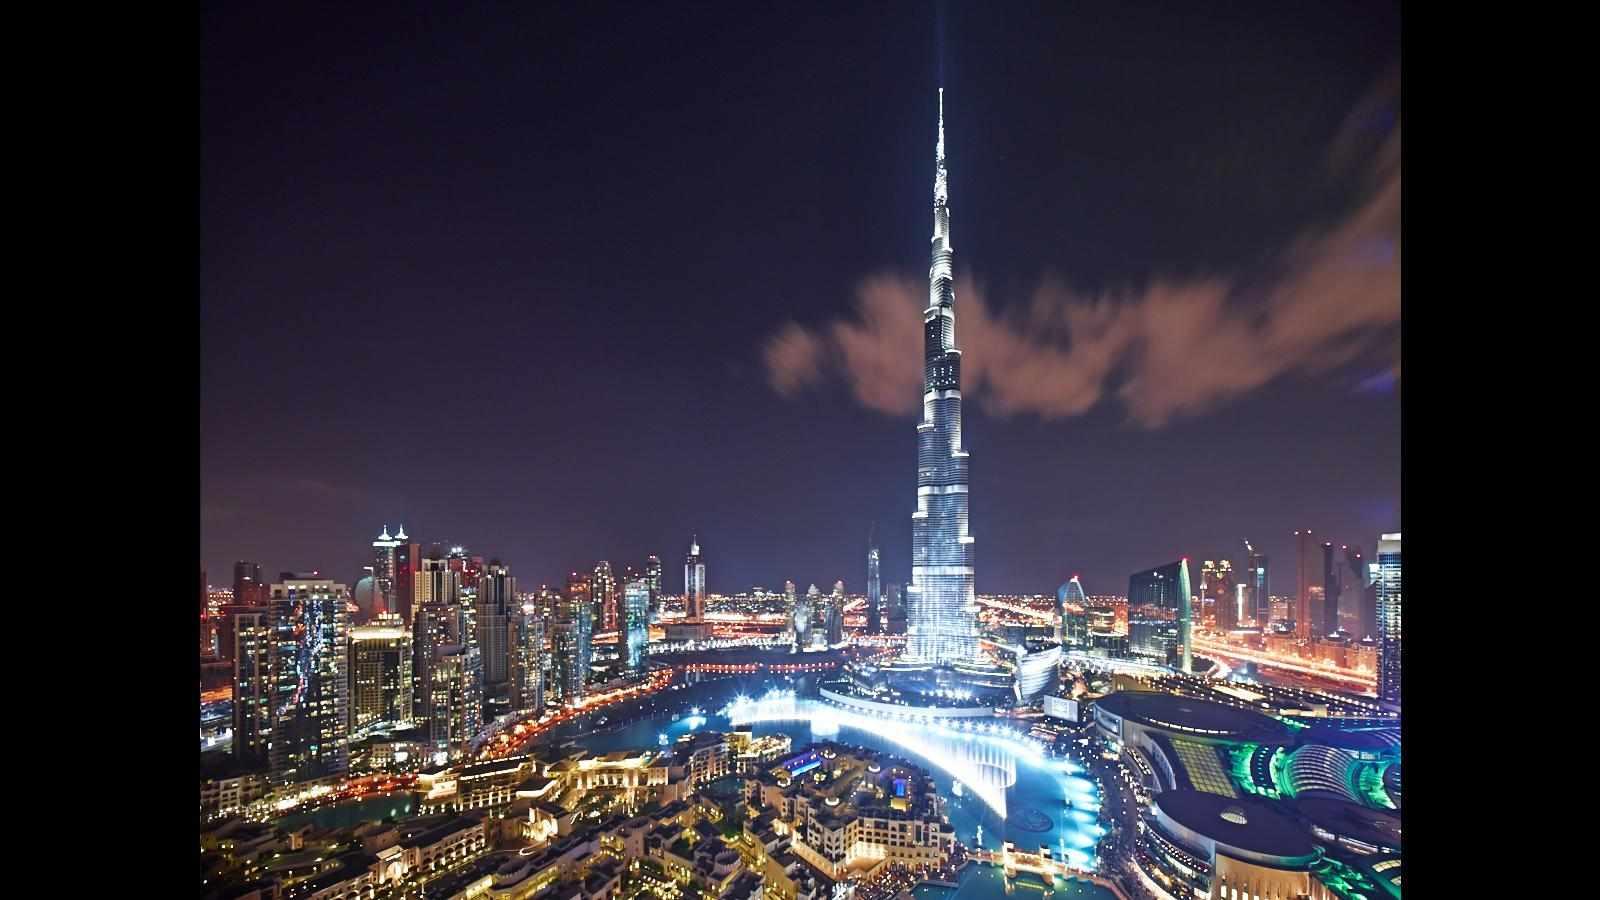 بالفيديو احتفالات رأس السنة في برج خليفة بدبي 2015